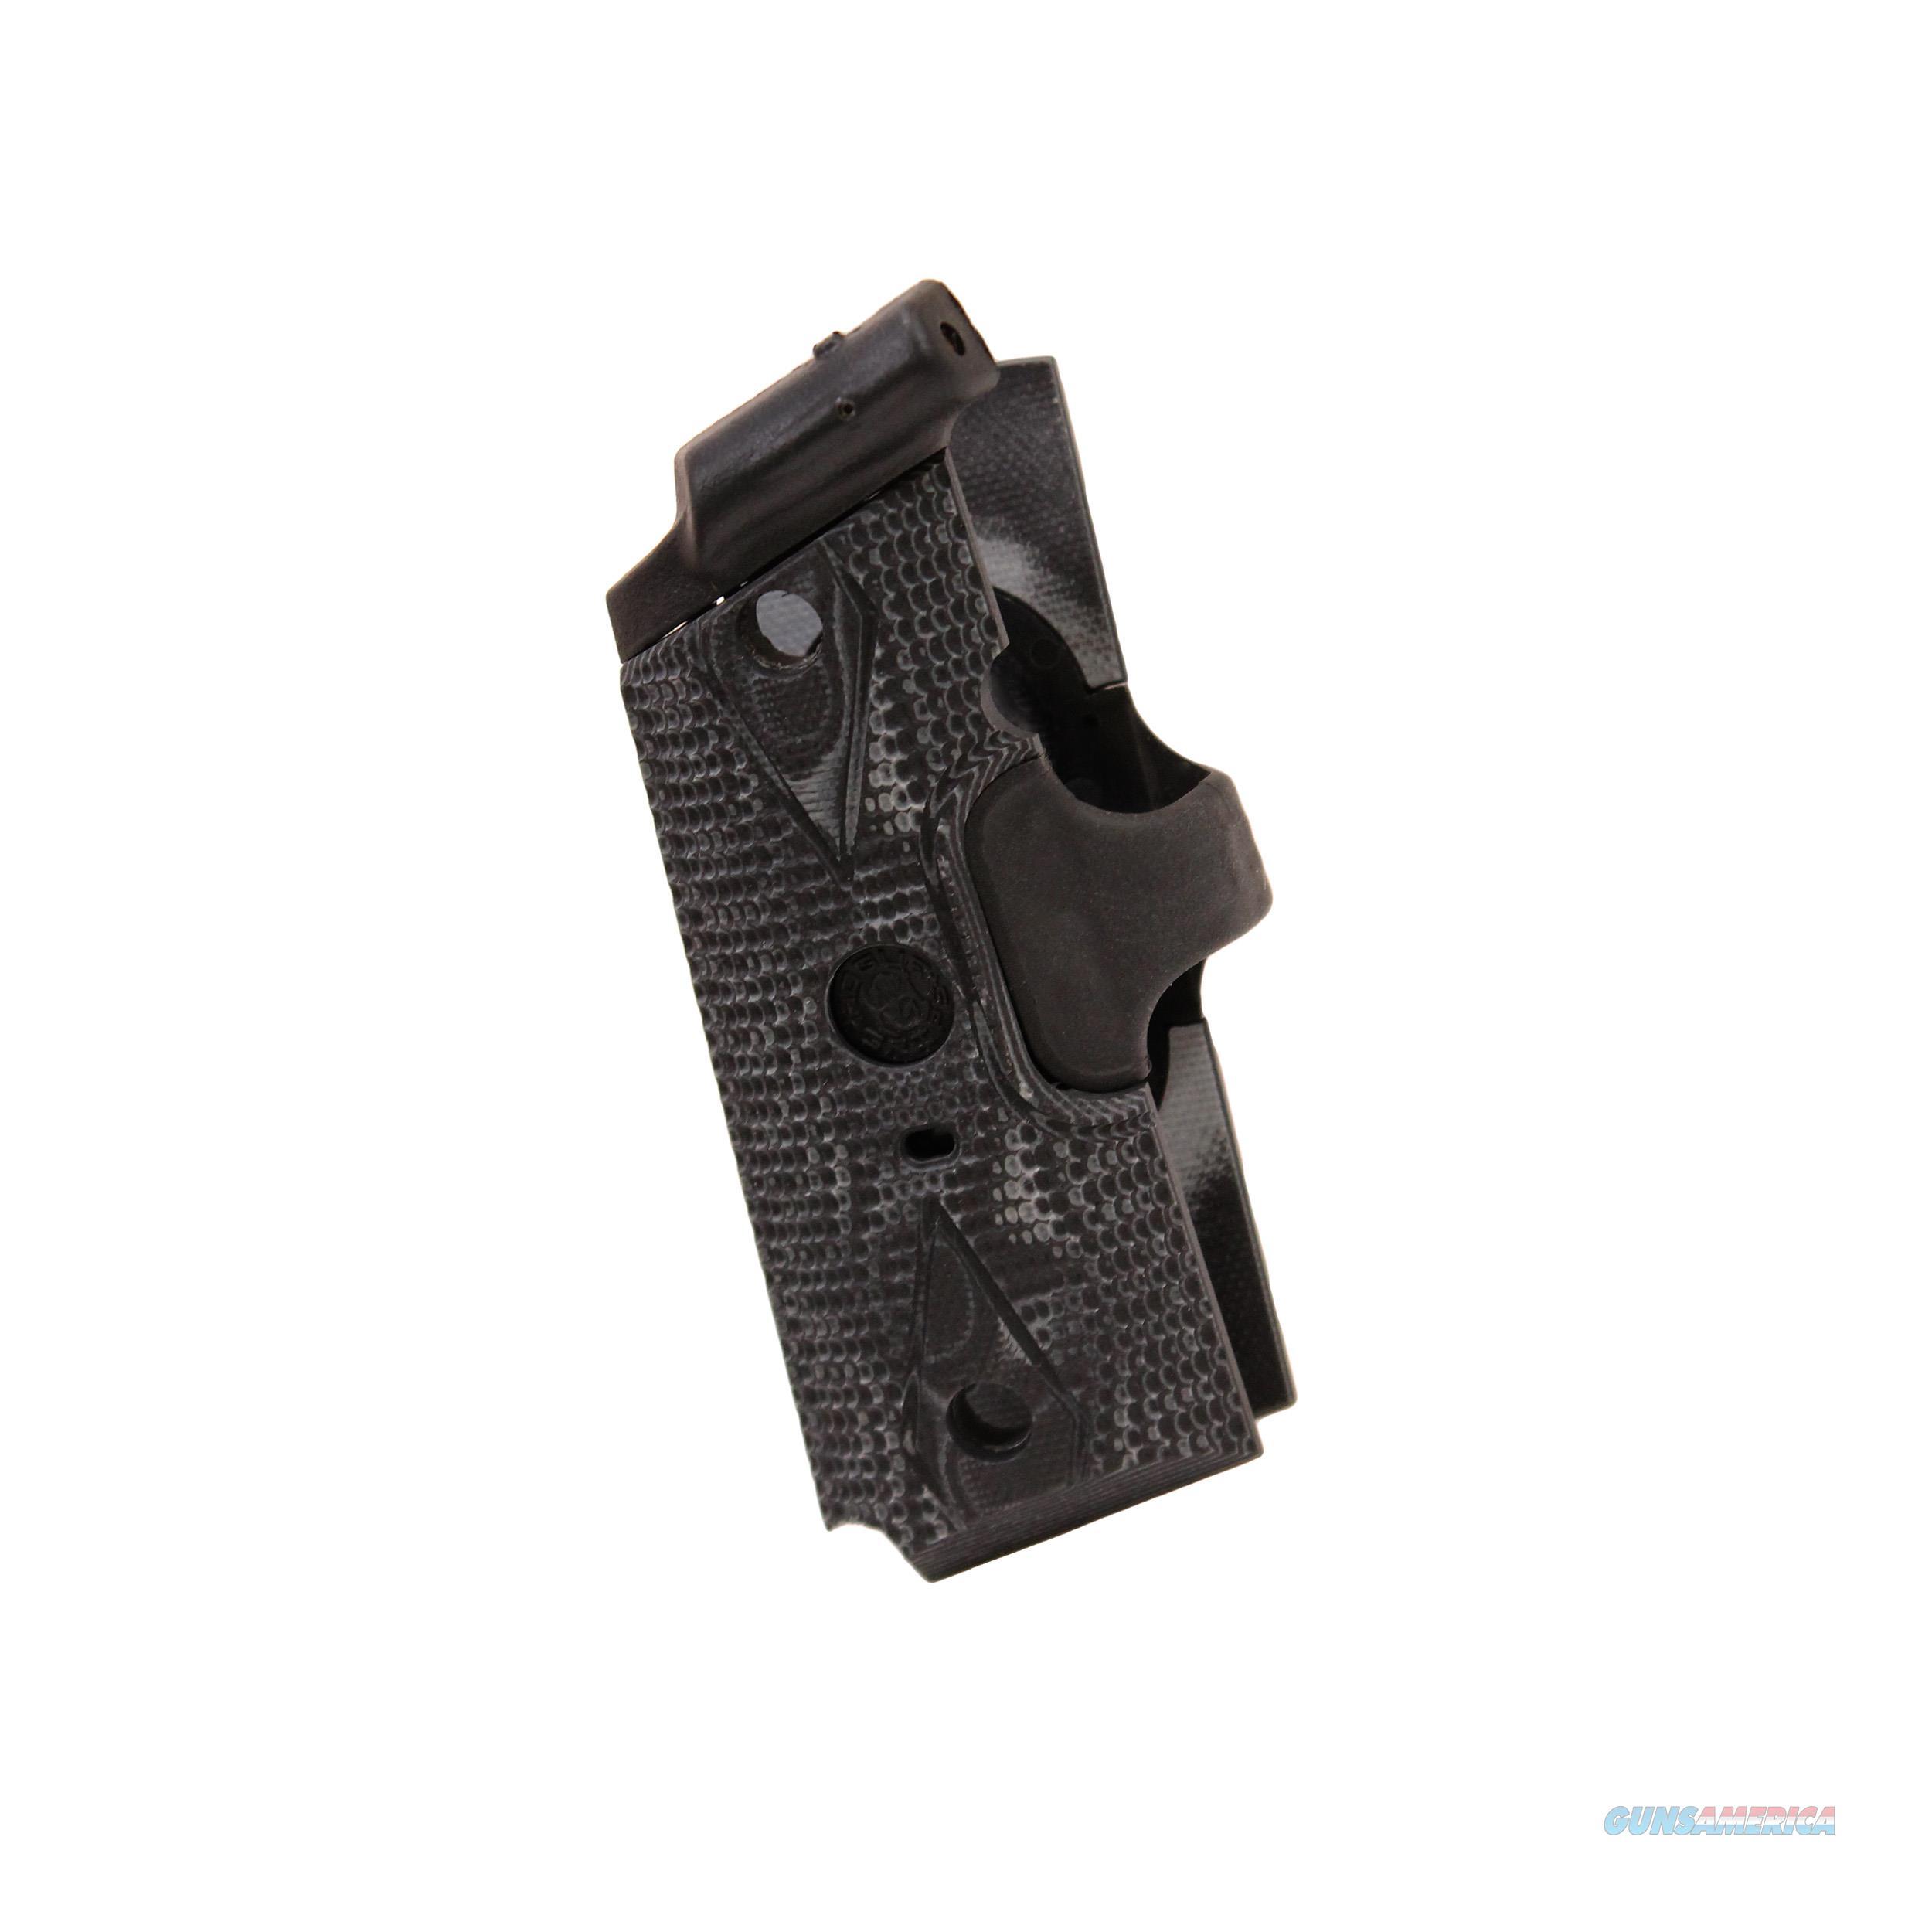 Hogue Laser Enhanced Grip 43189  Non-Guns > Gunstocks, Grips & Wood